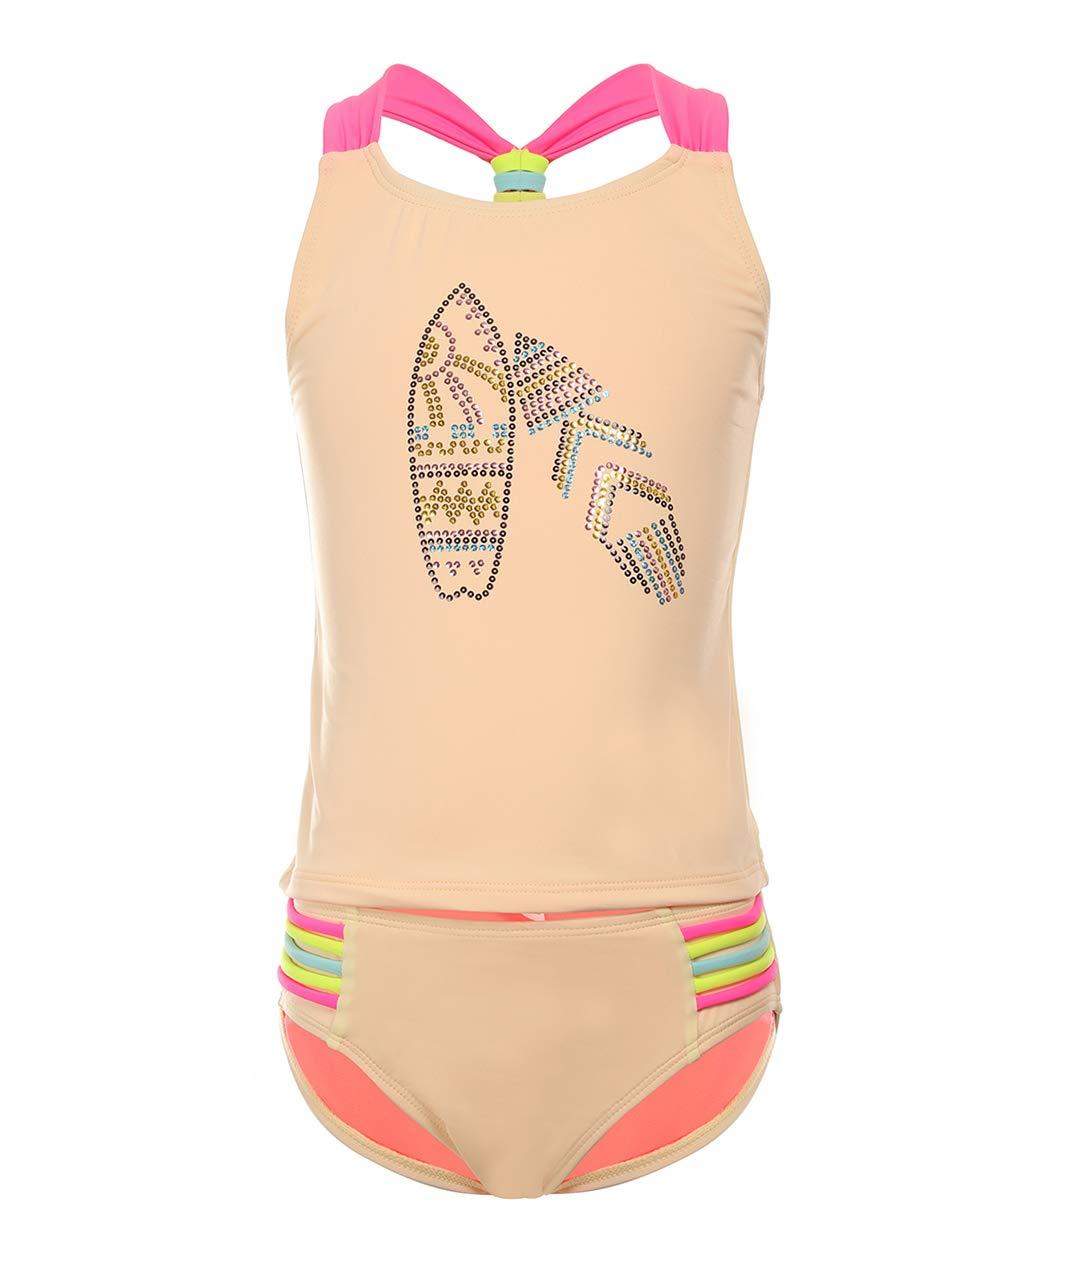 BELLOO Big Girls Two Pieces Swimsuits UPF 50+ Tankini Sets Bathing Suit Swimwear XS Light Yellow